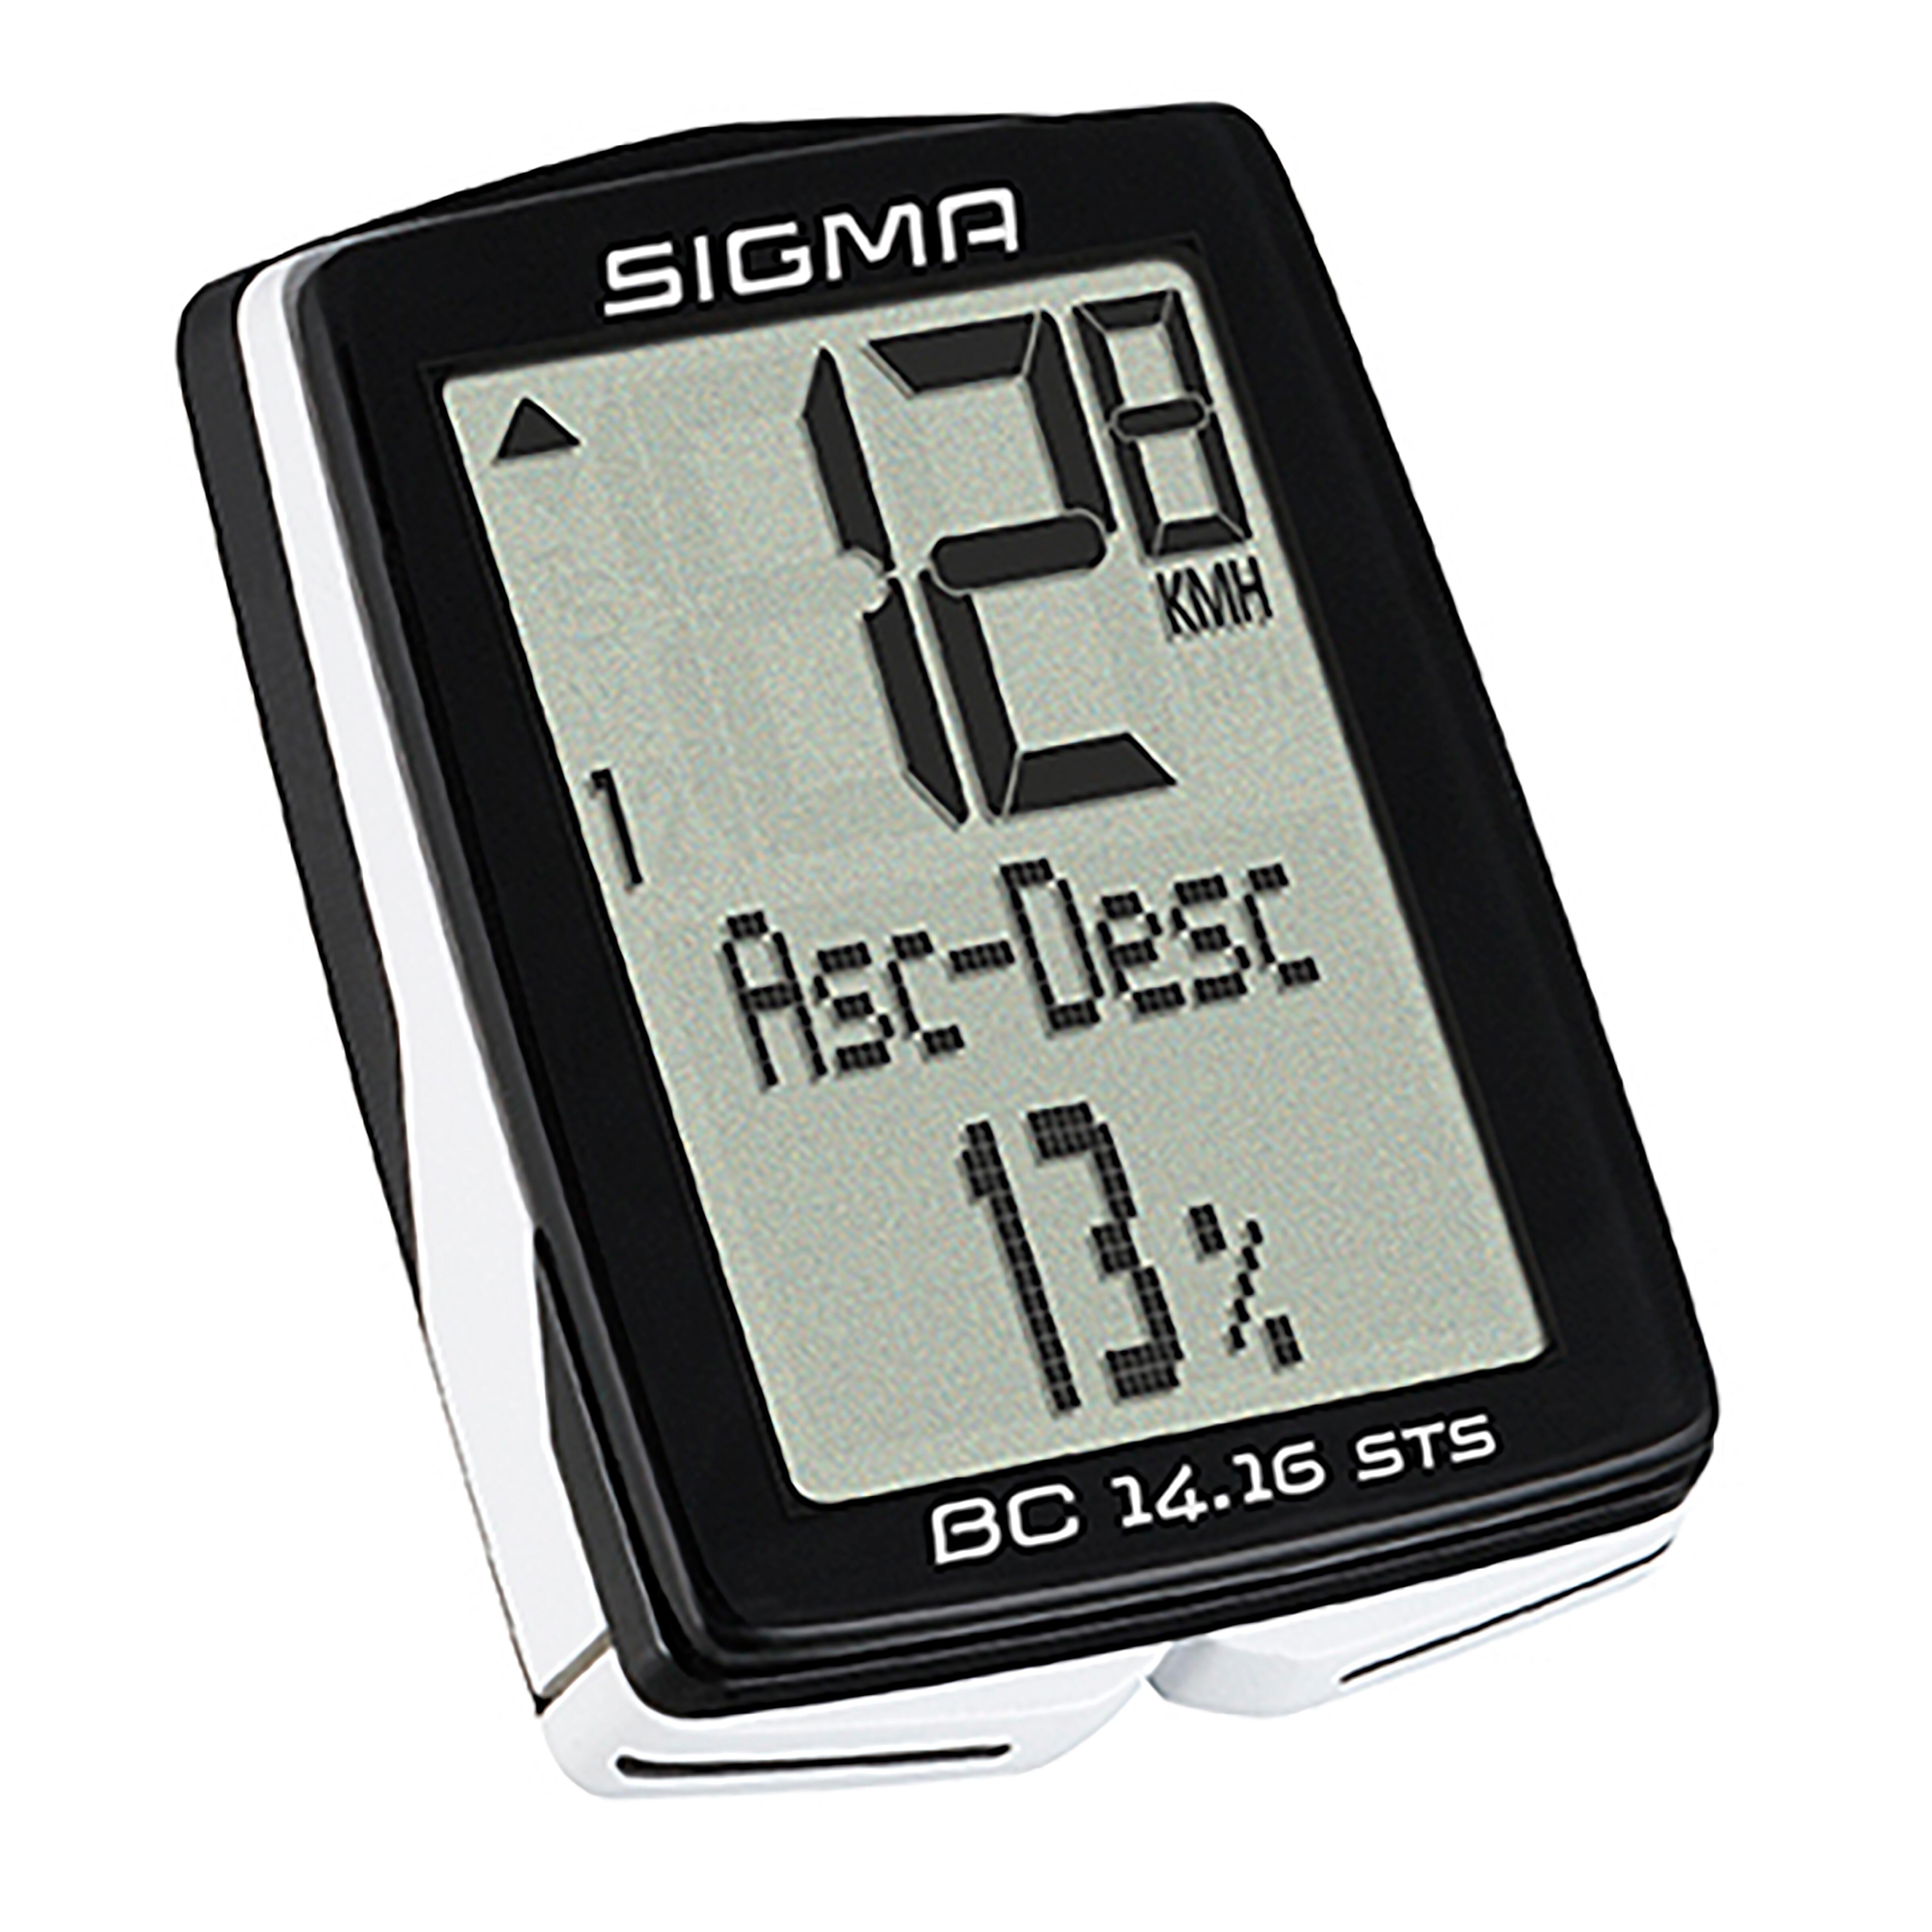 Sigma Sport BC 14.16 STS alti cad fietscomputer